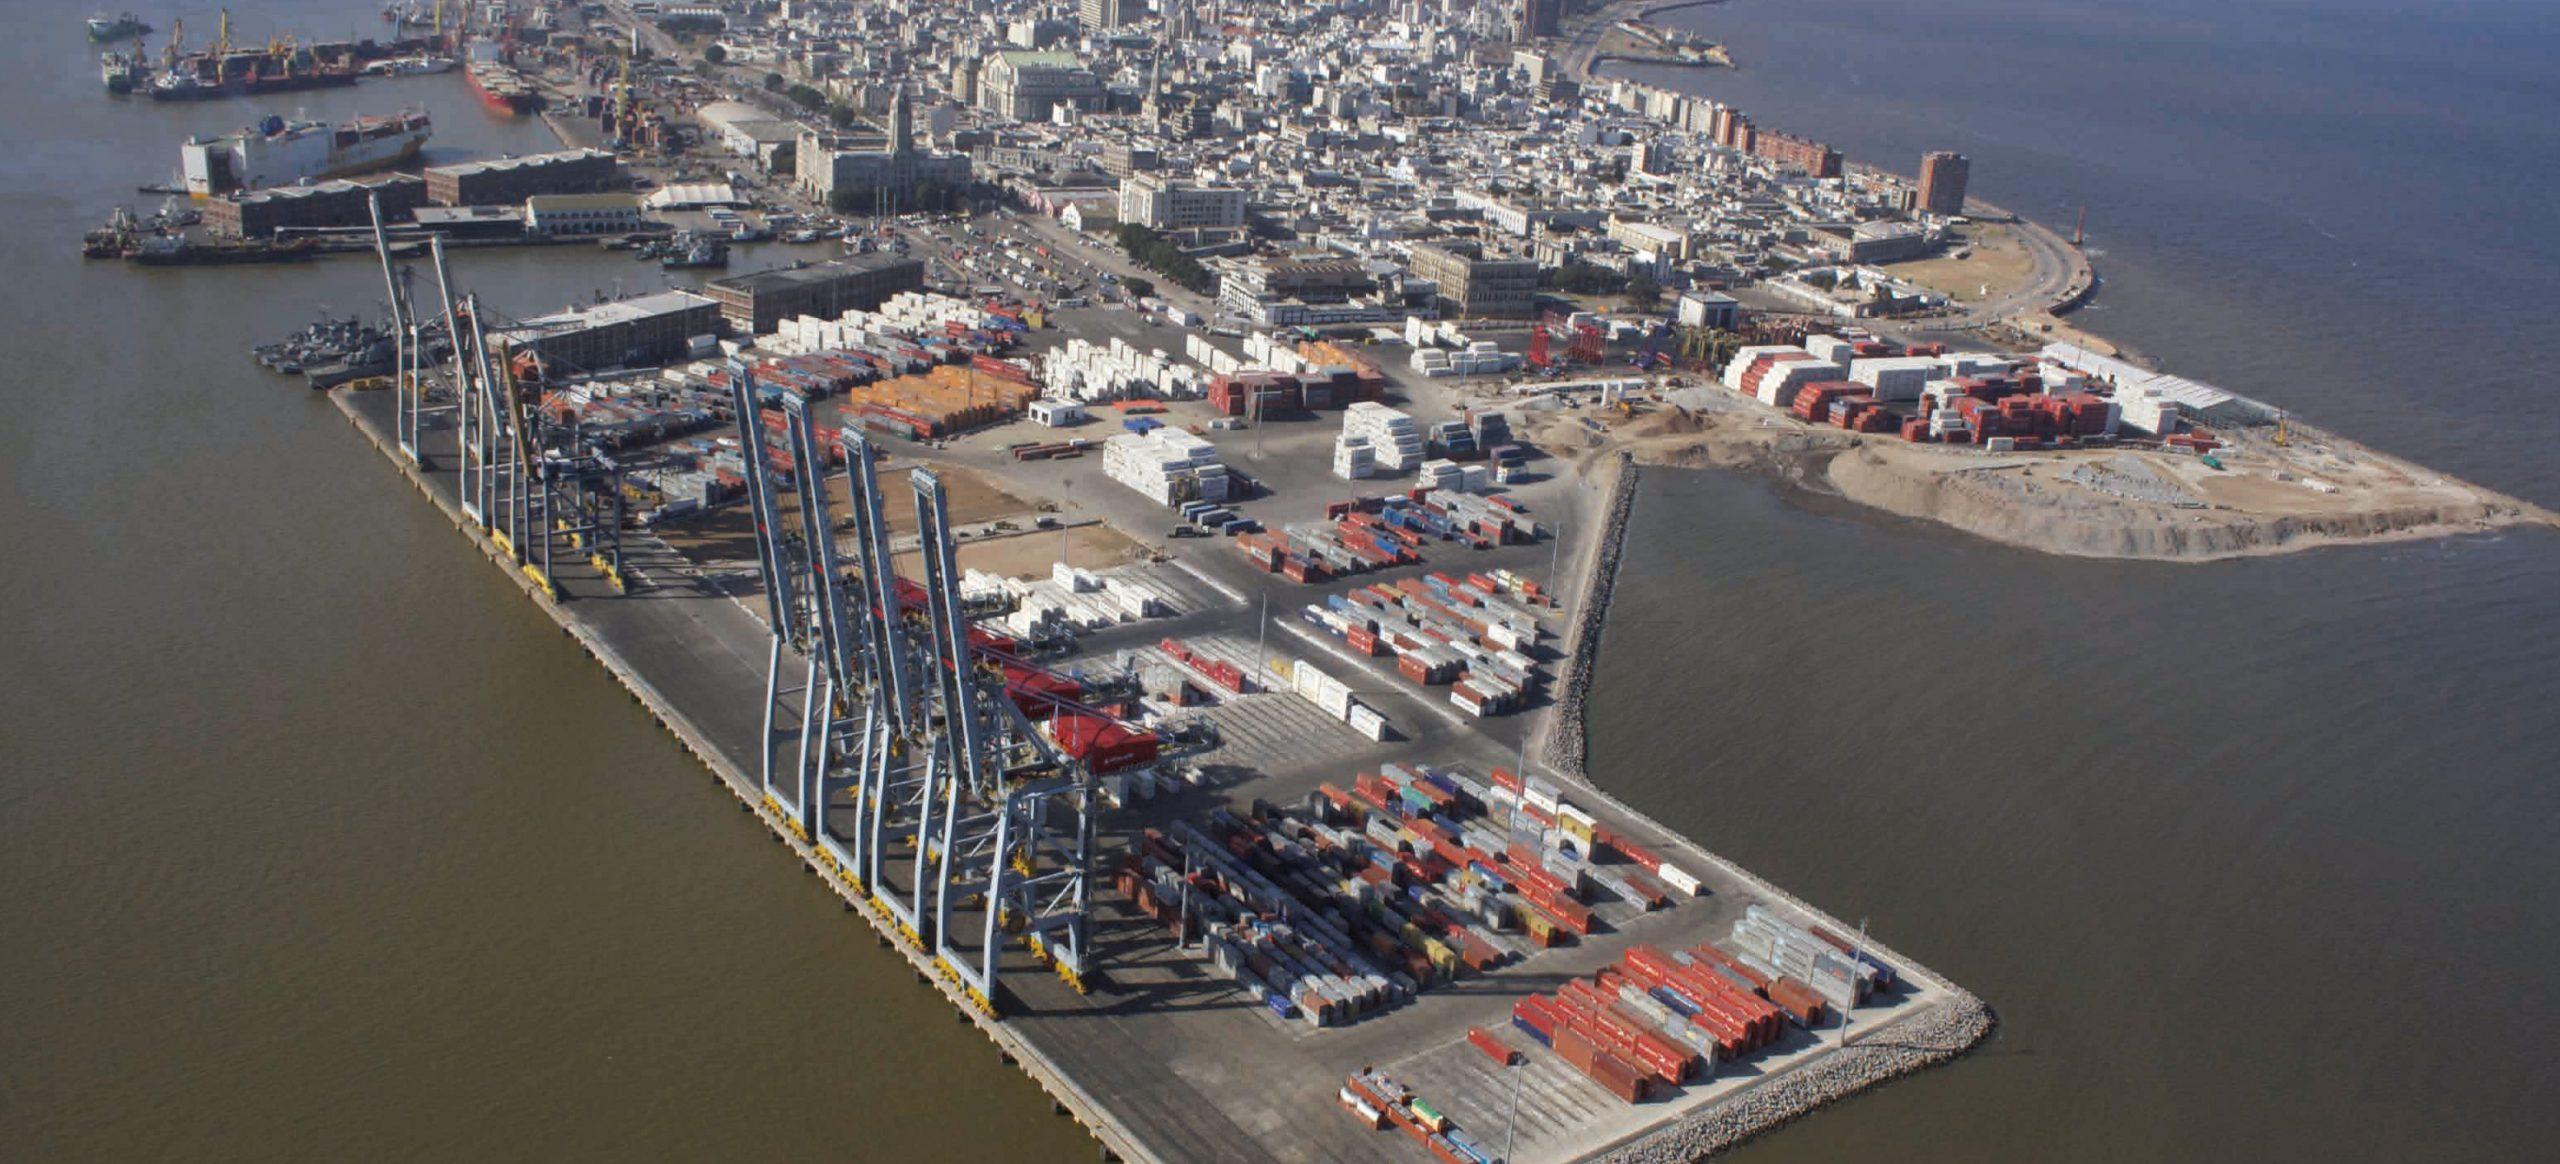 Los problemas logísticos y la falta de contenedores dispara las alarmas en comercio mundial